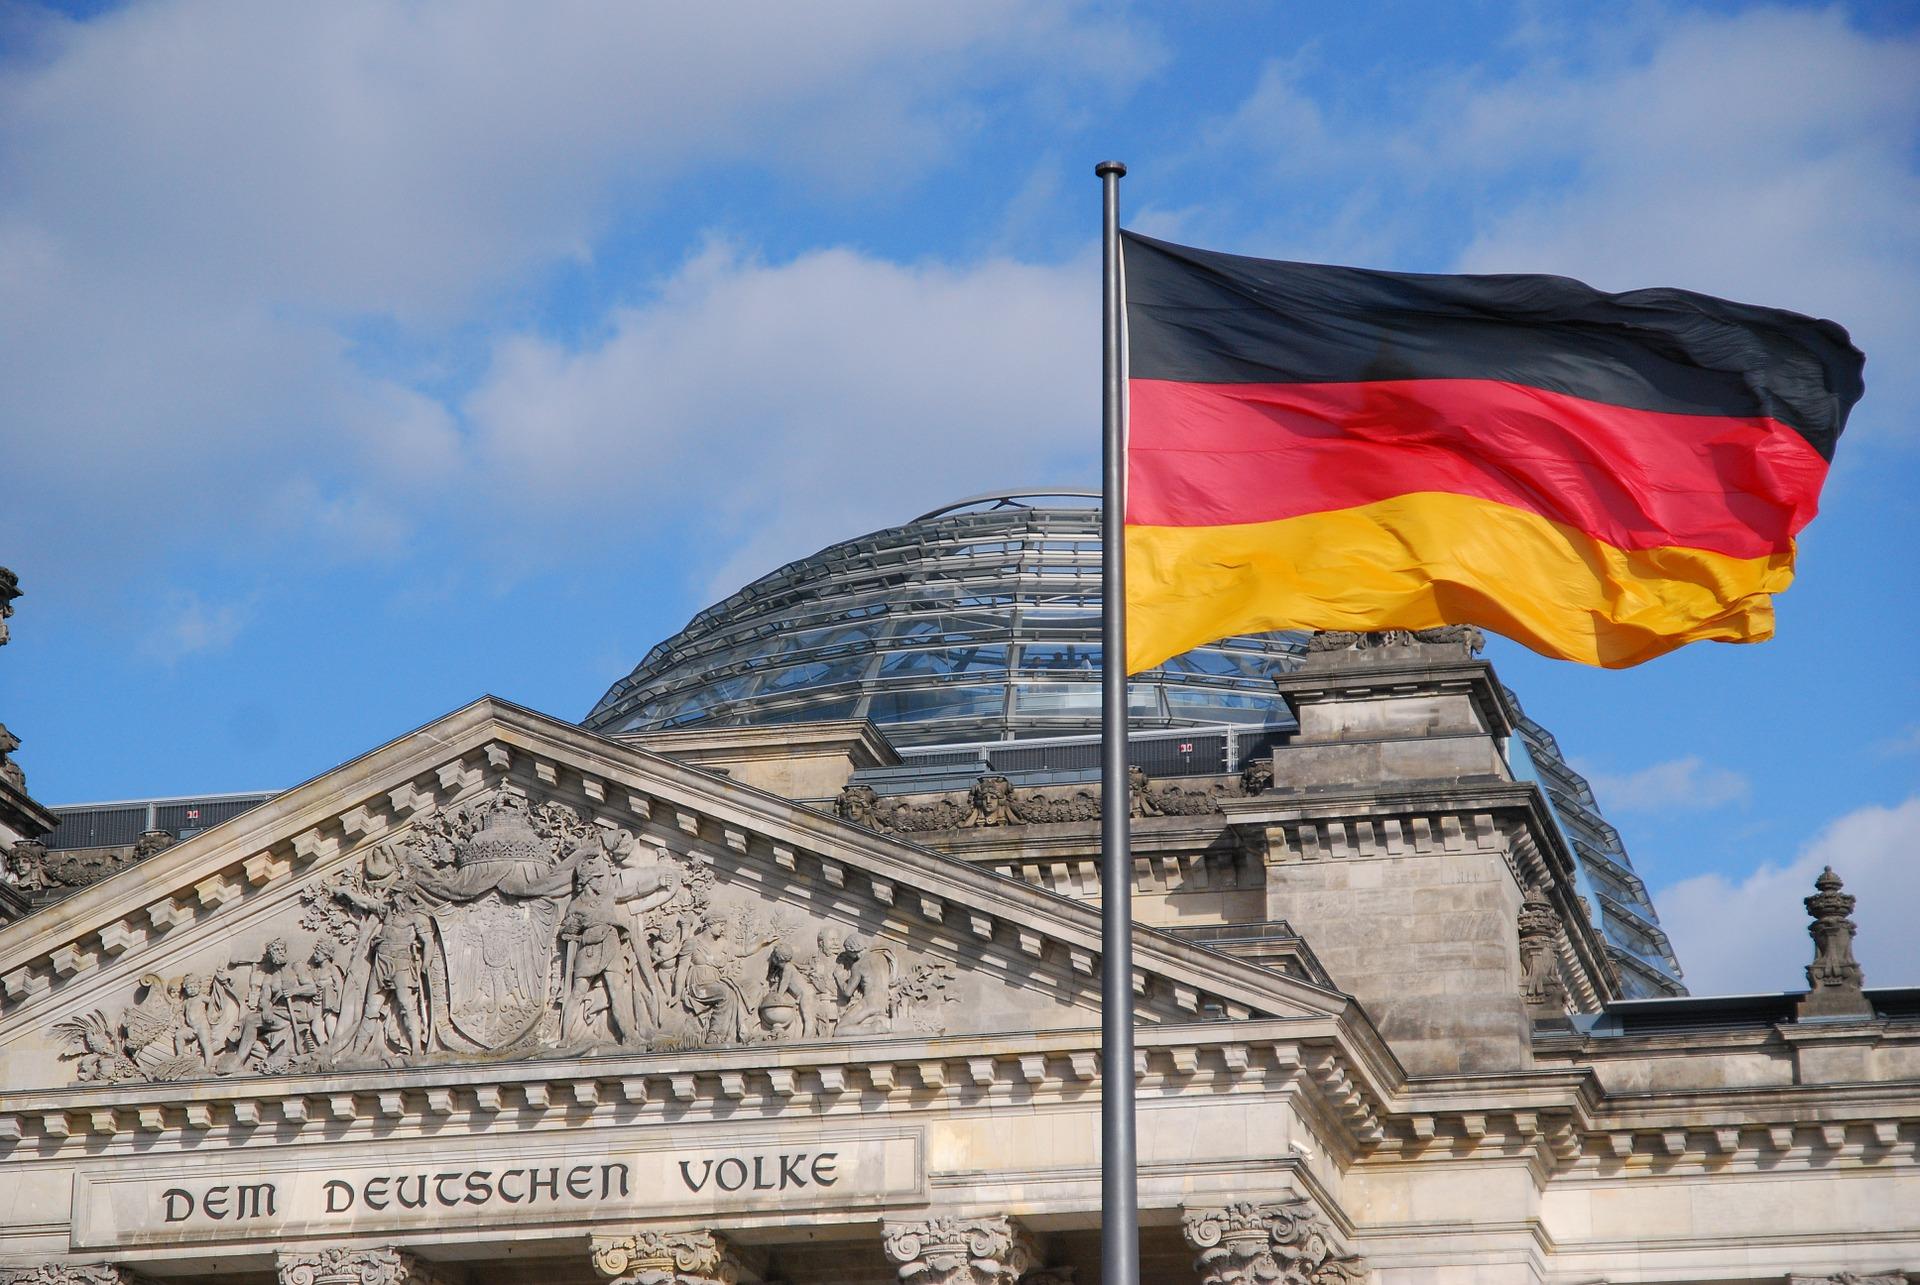 かっこいいドイツ語リスト!格言・響きが綺麗な言葉・スラングまで一挙紹介